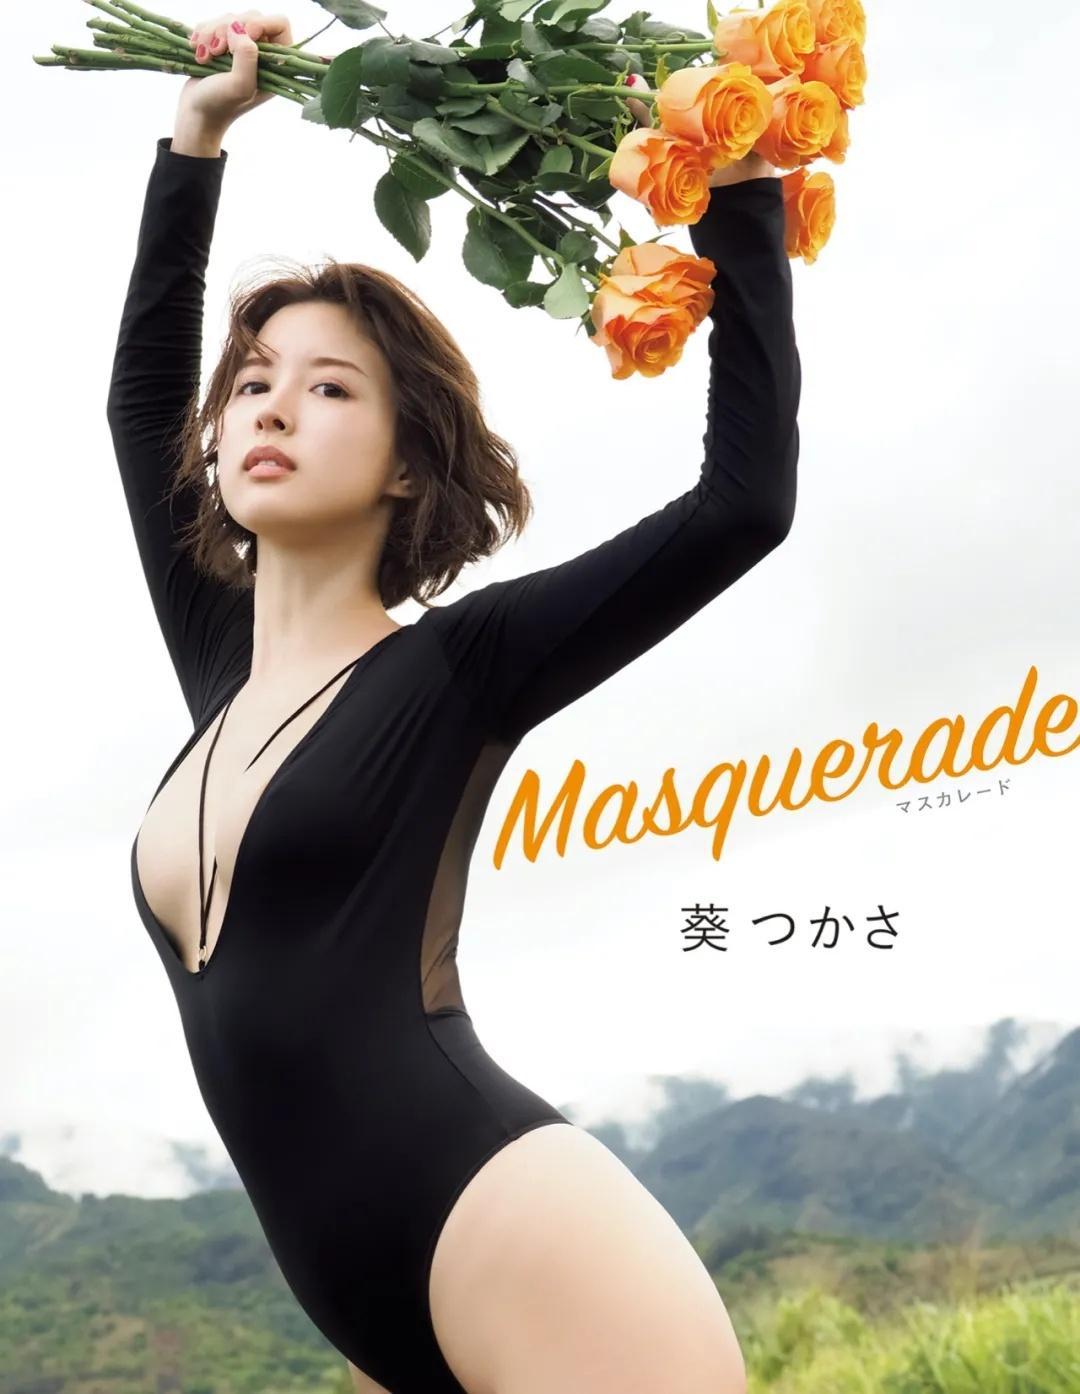 比以往更美丽:葵司(葵つかさ)出道10周年纪念写真集《Masquerade》